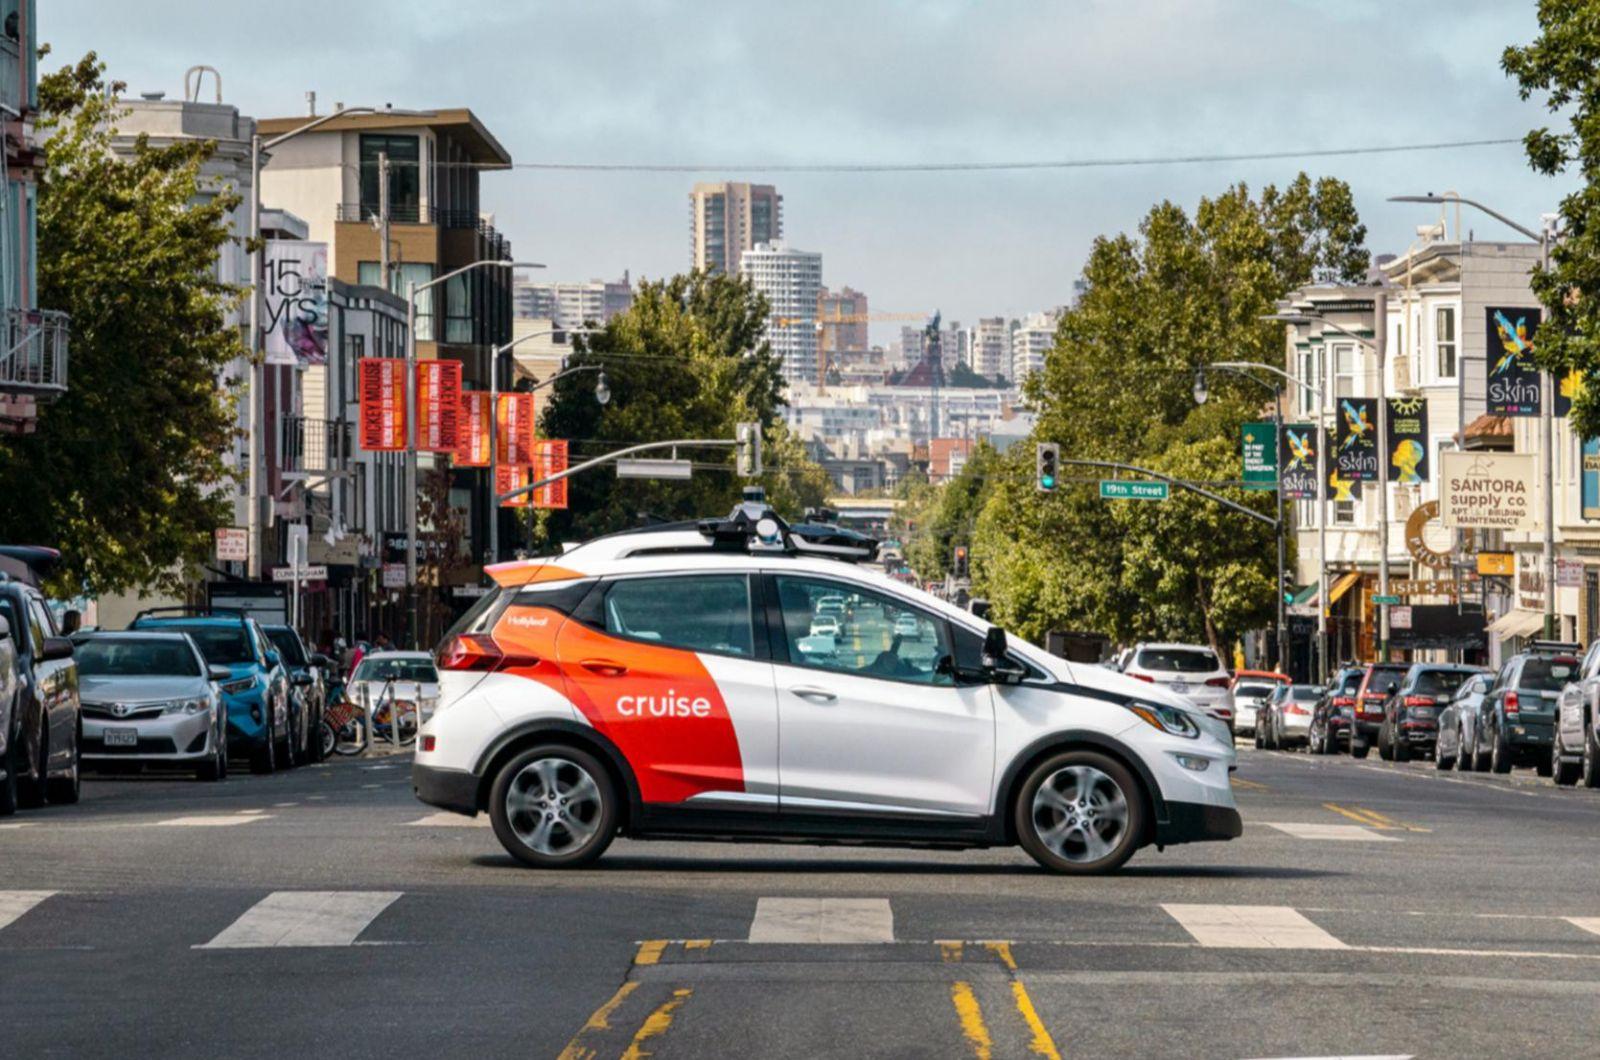 Một chiếc xe thử nghiệm Cruise điện tự lái ghi hàng km ở San Francisco. DU THUYỀN